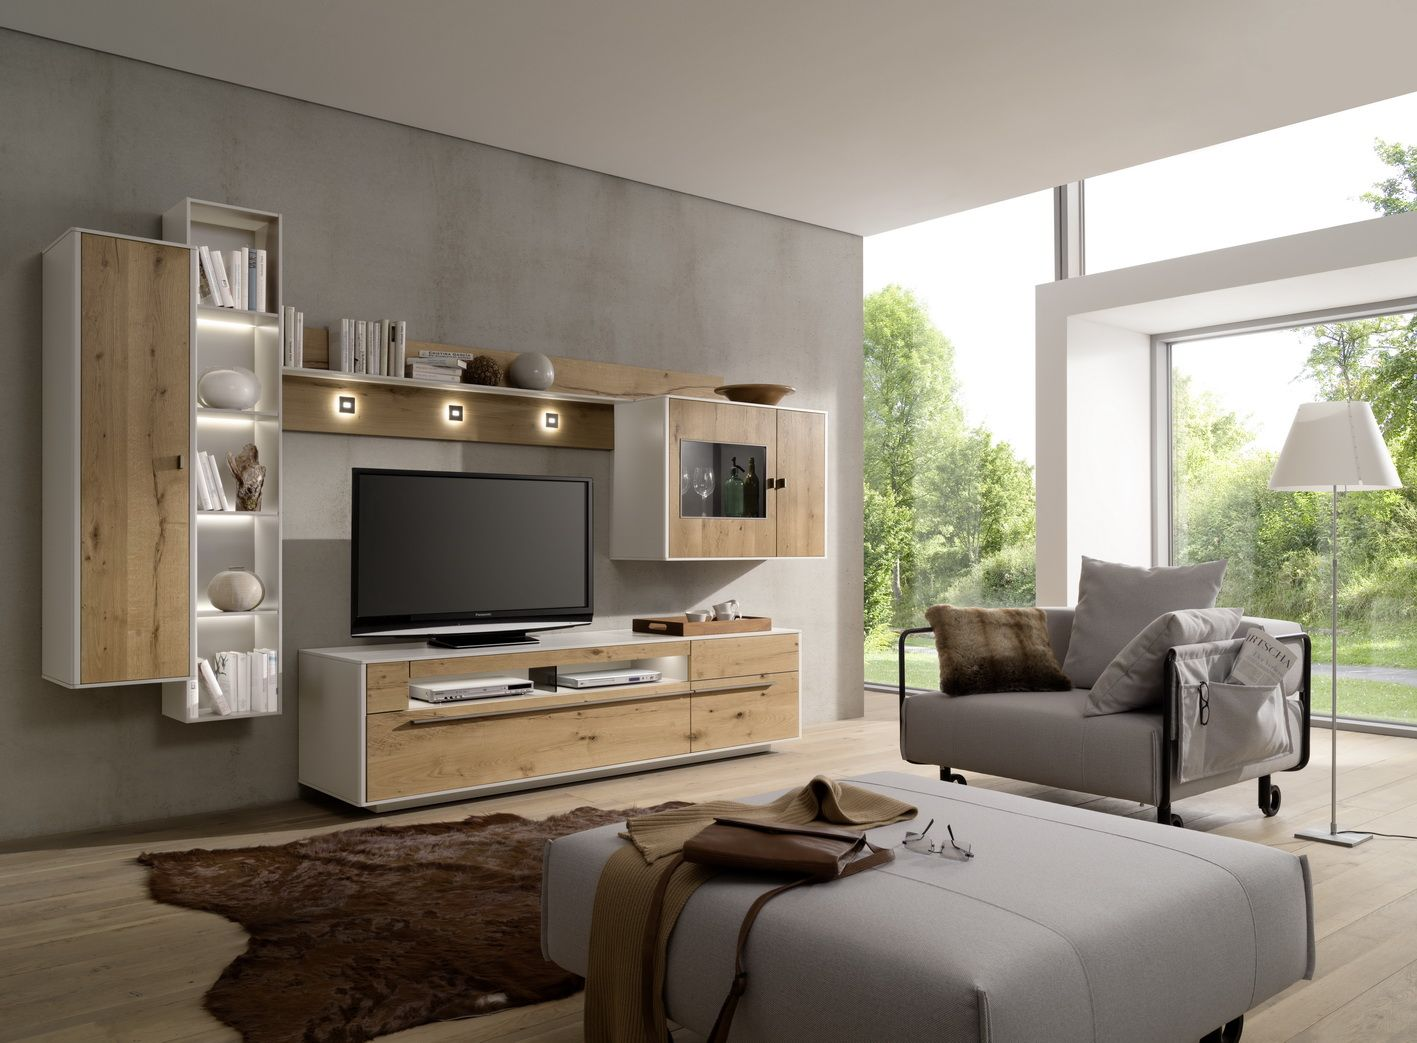 m bel madeingermany furniture gwinner wohndesign. Black Bedroom Furniture Sets. Home Design Ideas